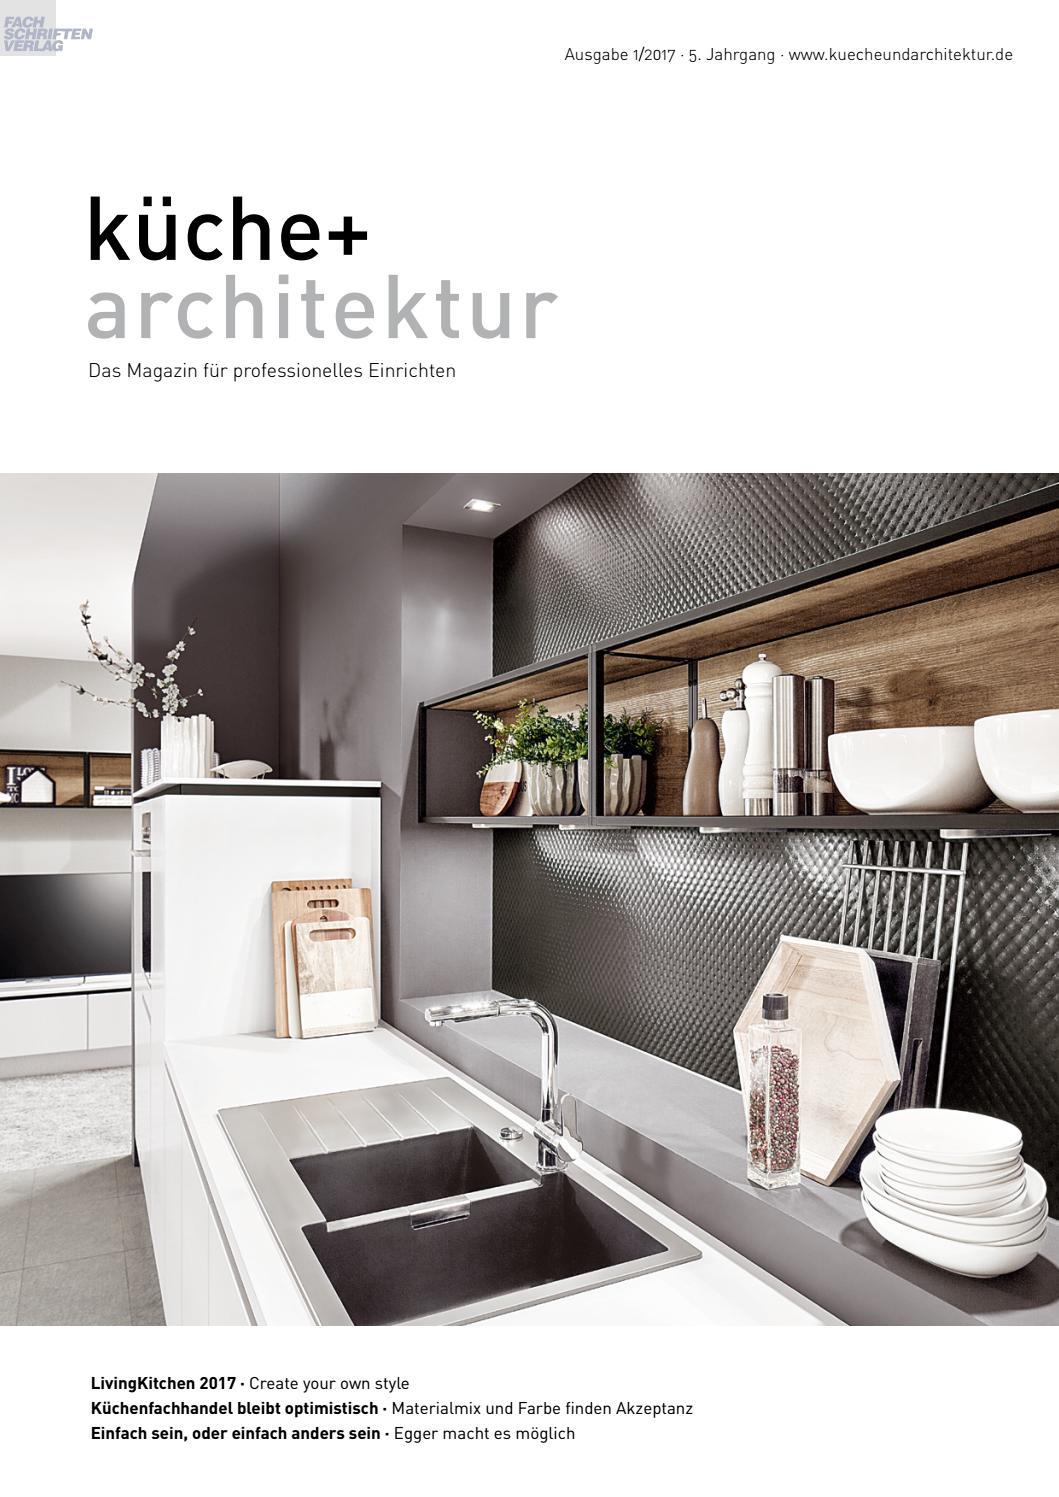 küche + architektur 1/2017 by Fachschriften Verlag - issuu